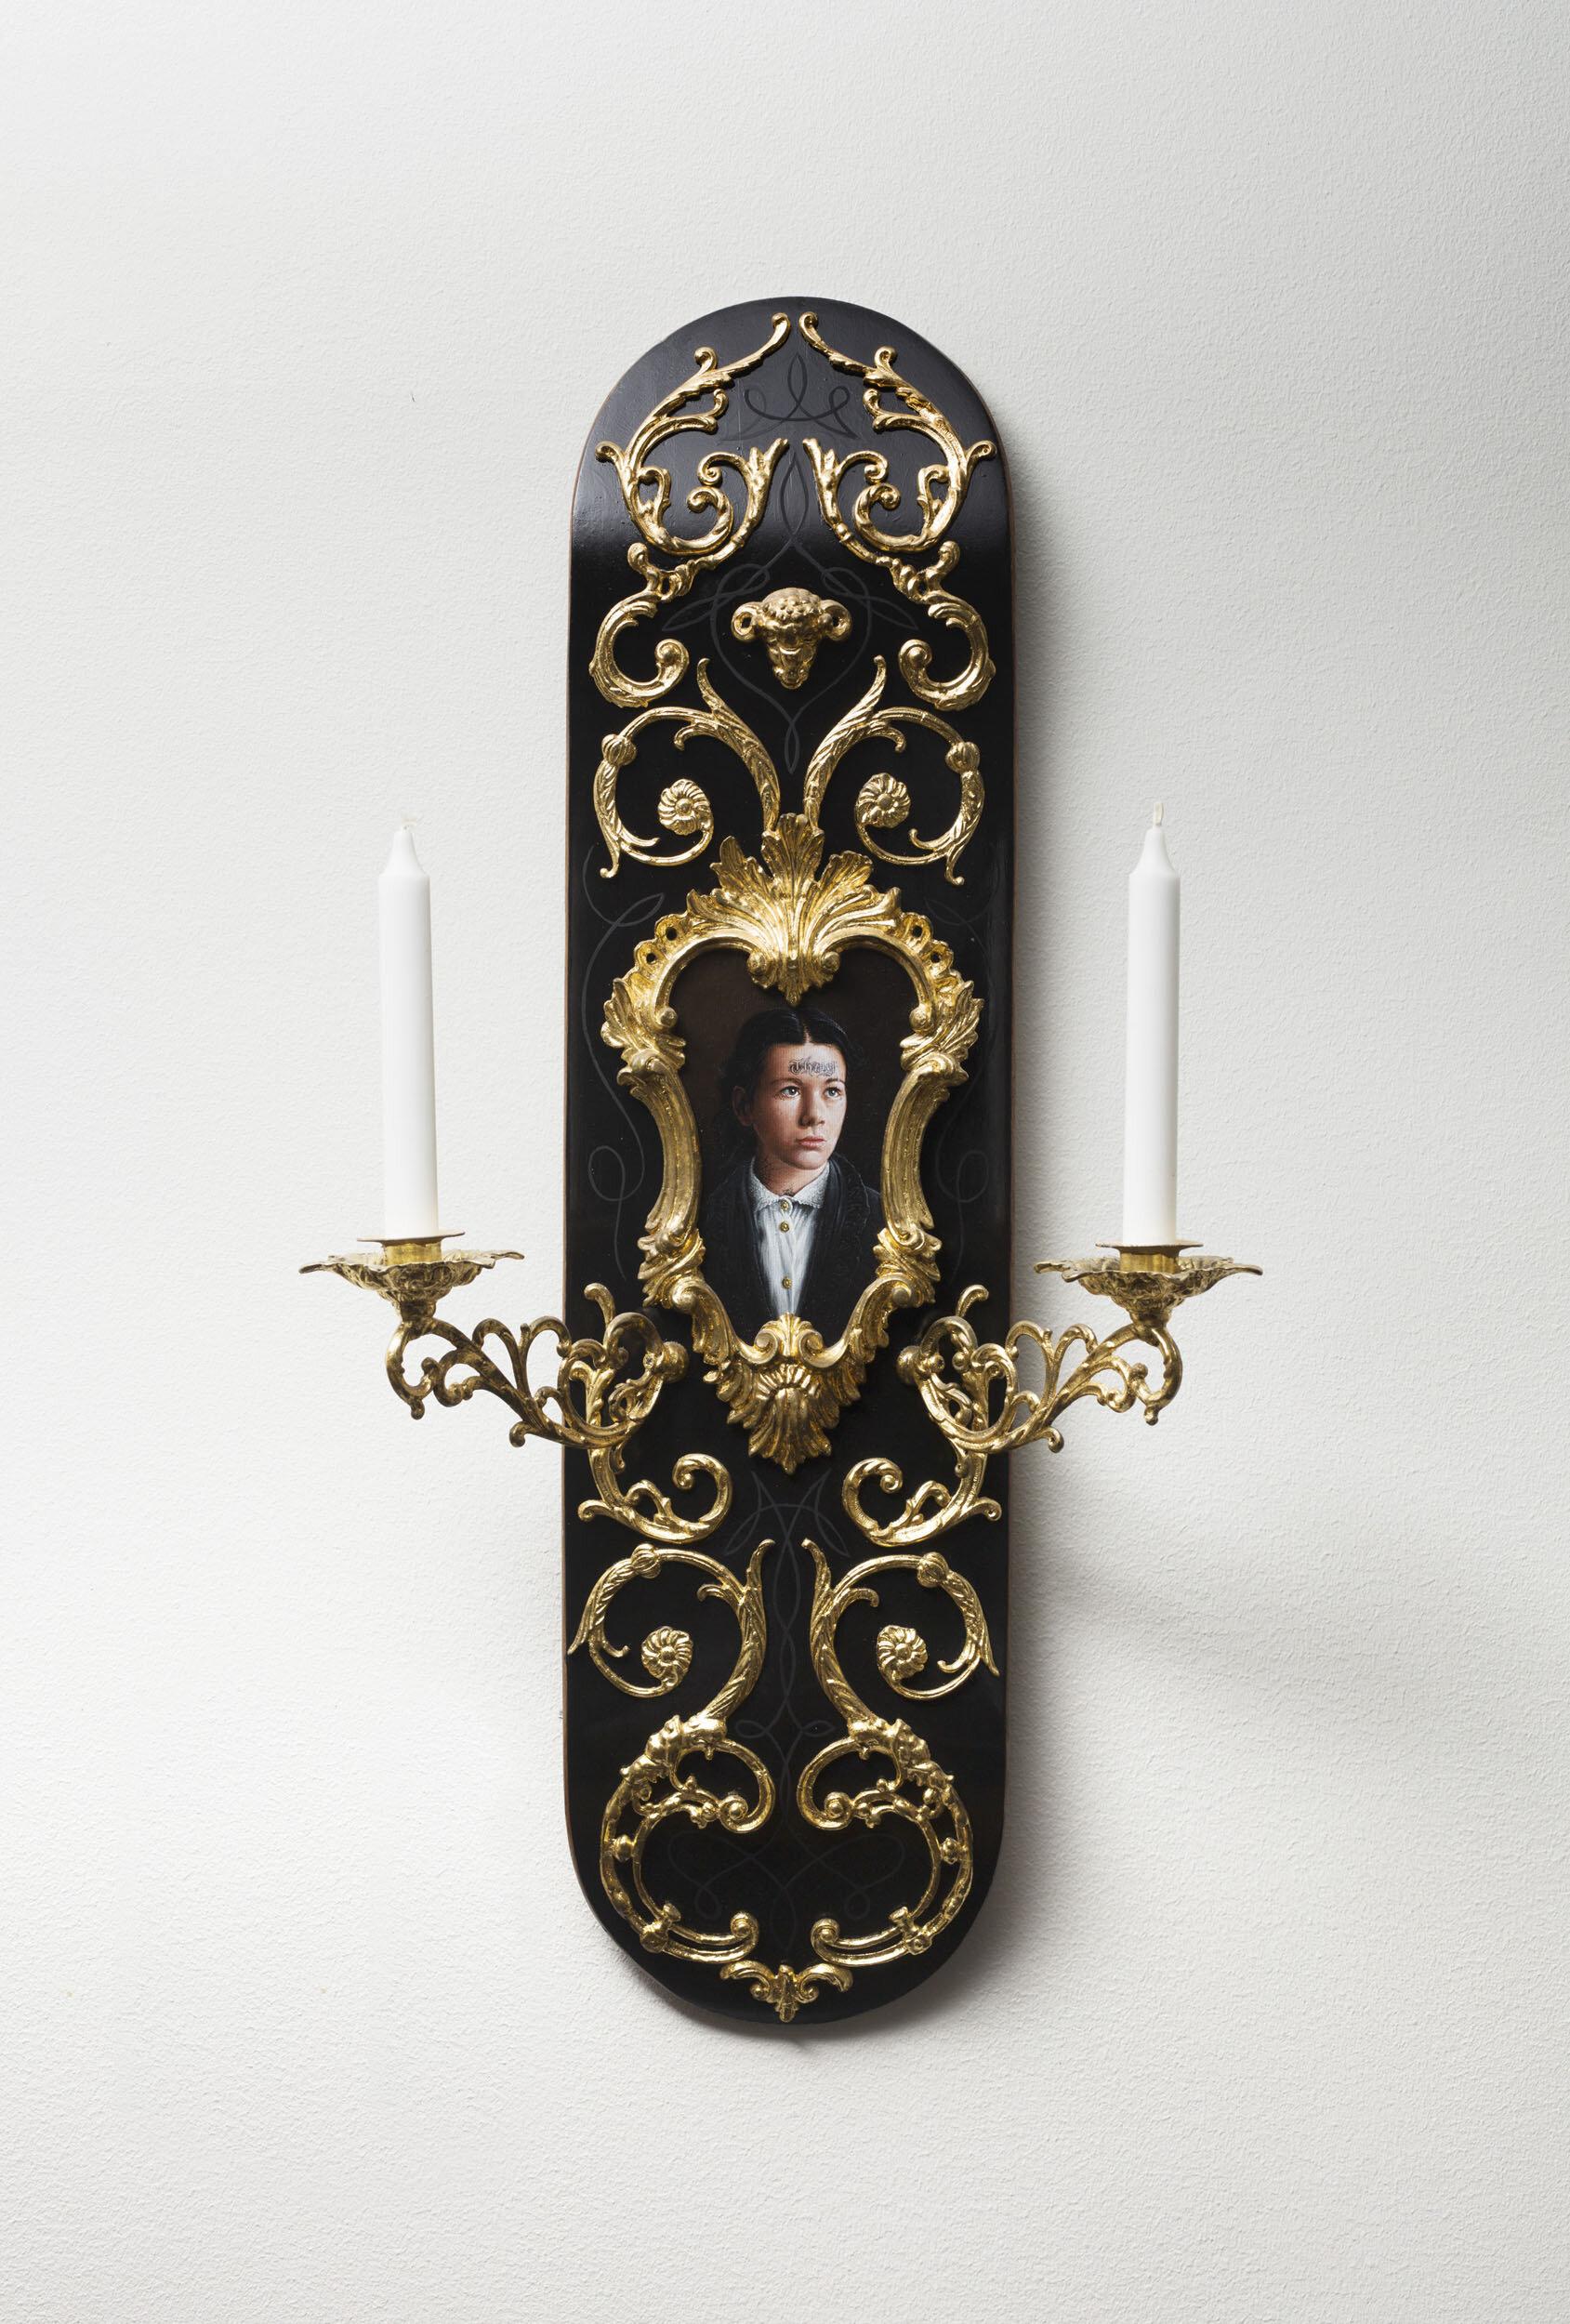 Jonas Brodin   Utan titel  201 4 Signerad och daterad a tergo  Assemblage, ornamenterad skateboard  med målning, ljuslampetter och stearinljus  Höjd 80 cm, bredd 42 cm